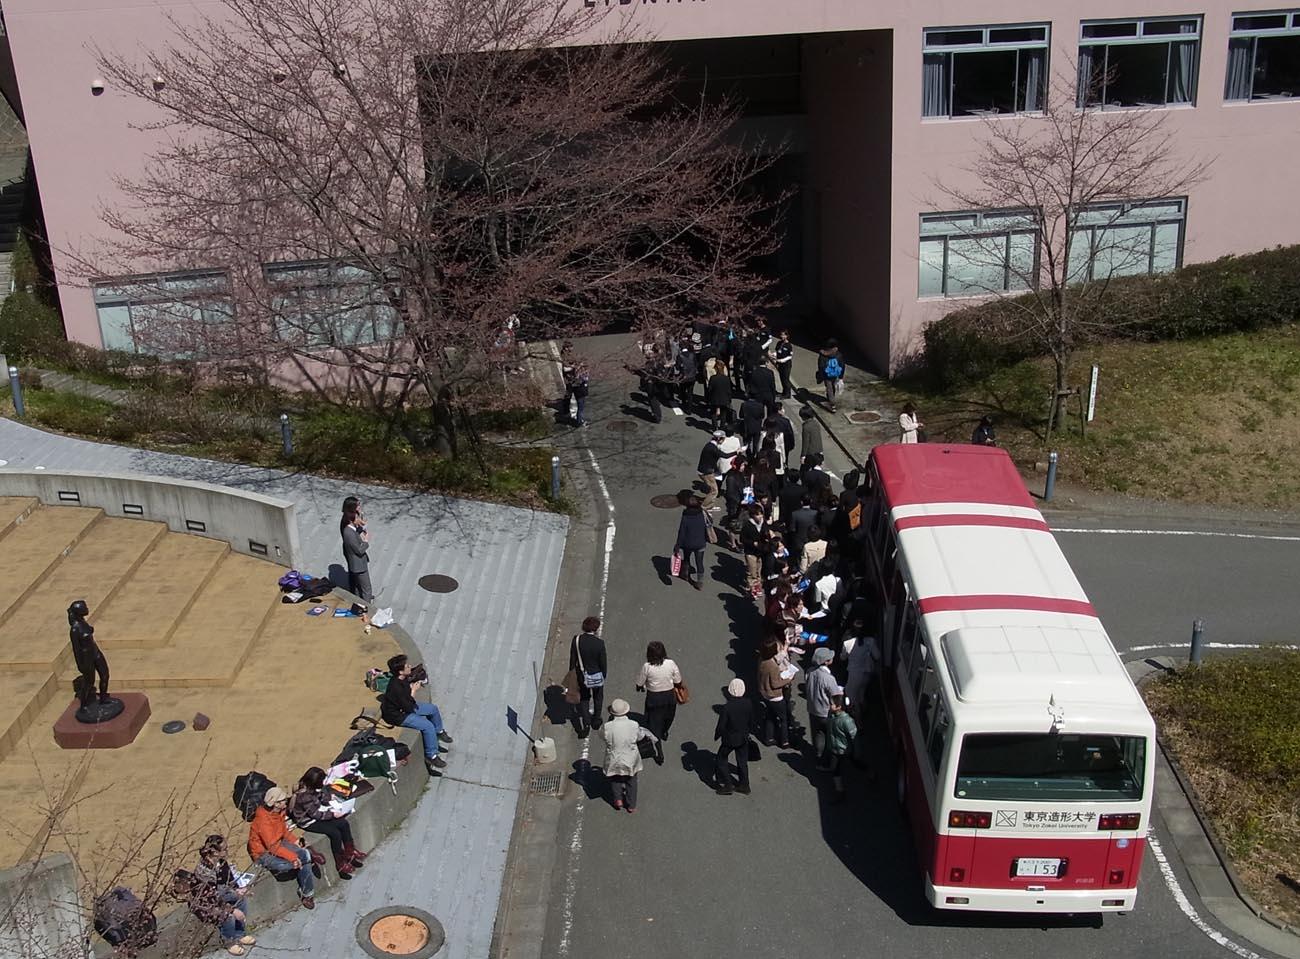 スクールバスから降りる新入生をゲット!